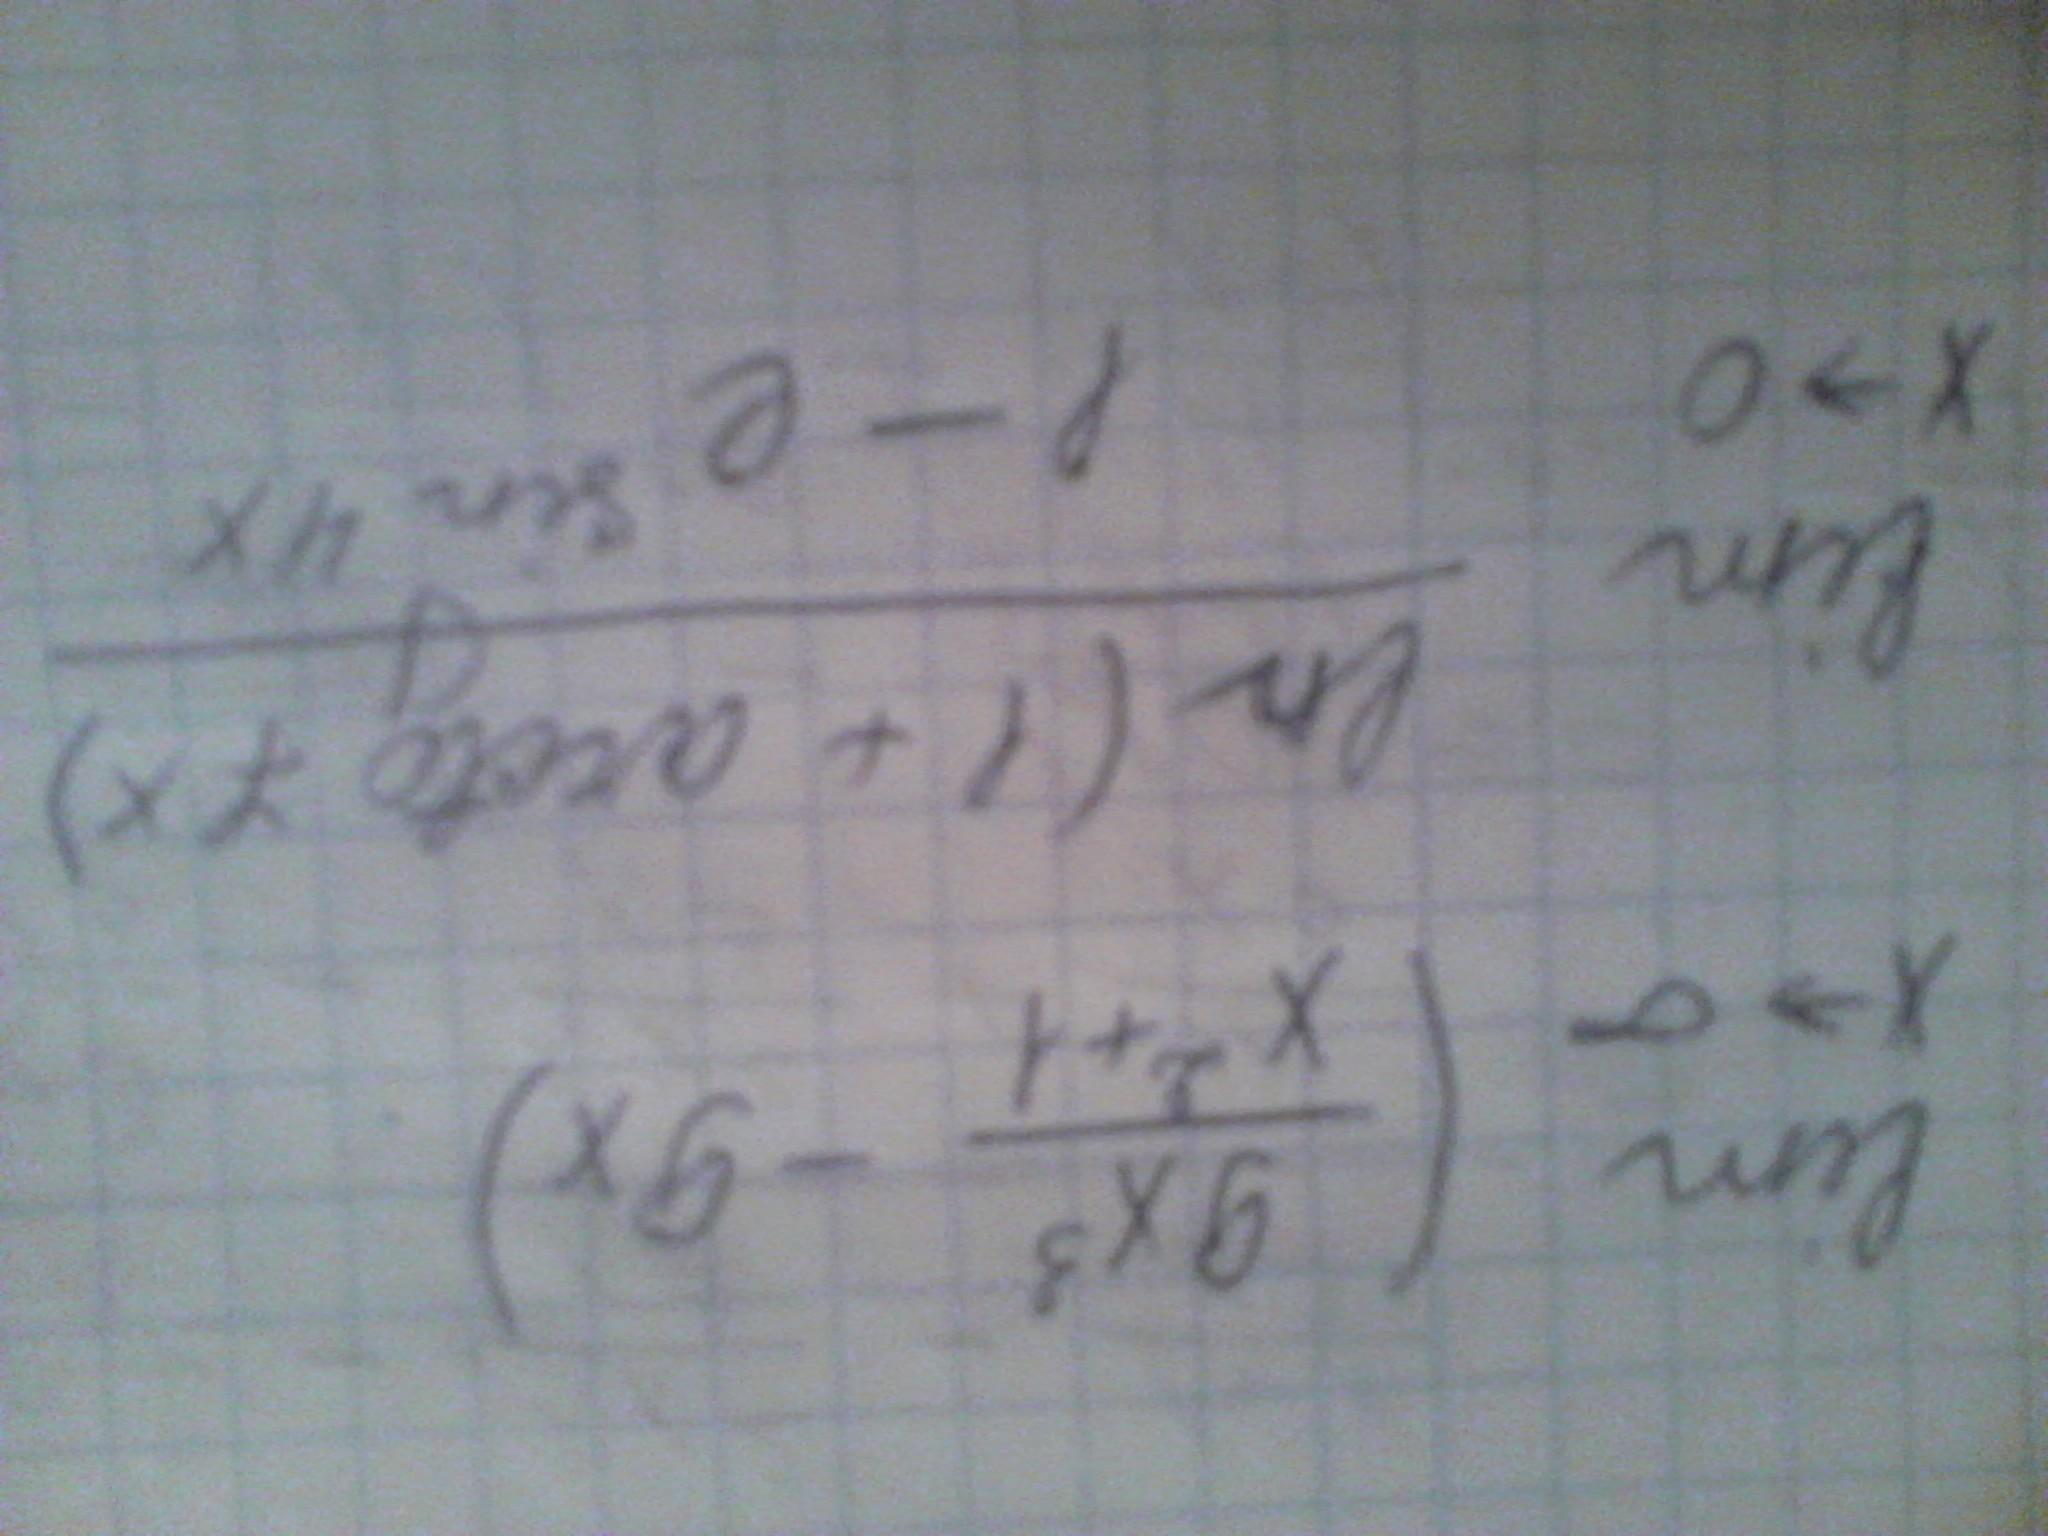 Помогите решить высшую математику